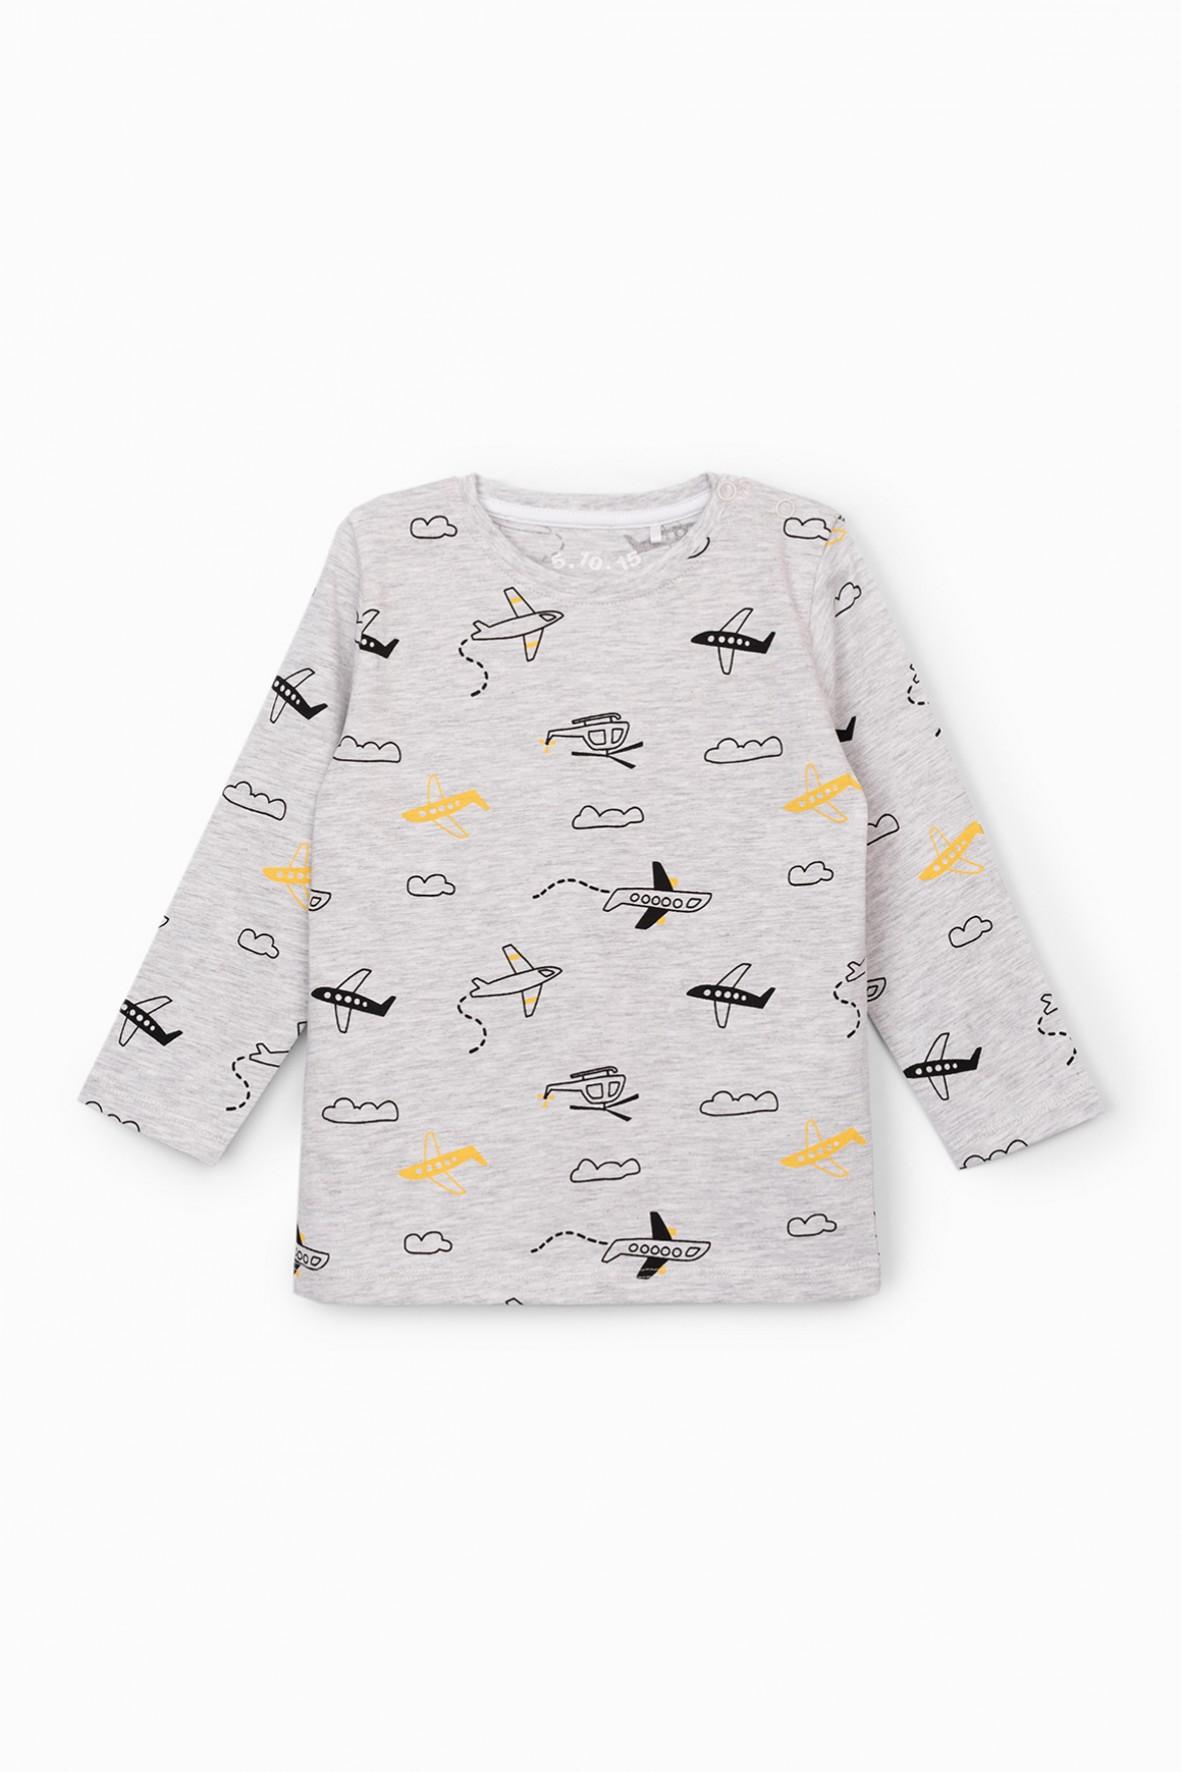 Szara bluzka niemowlęca z długim rękawem z samolotami